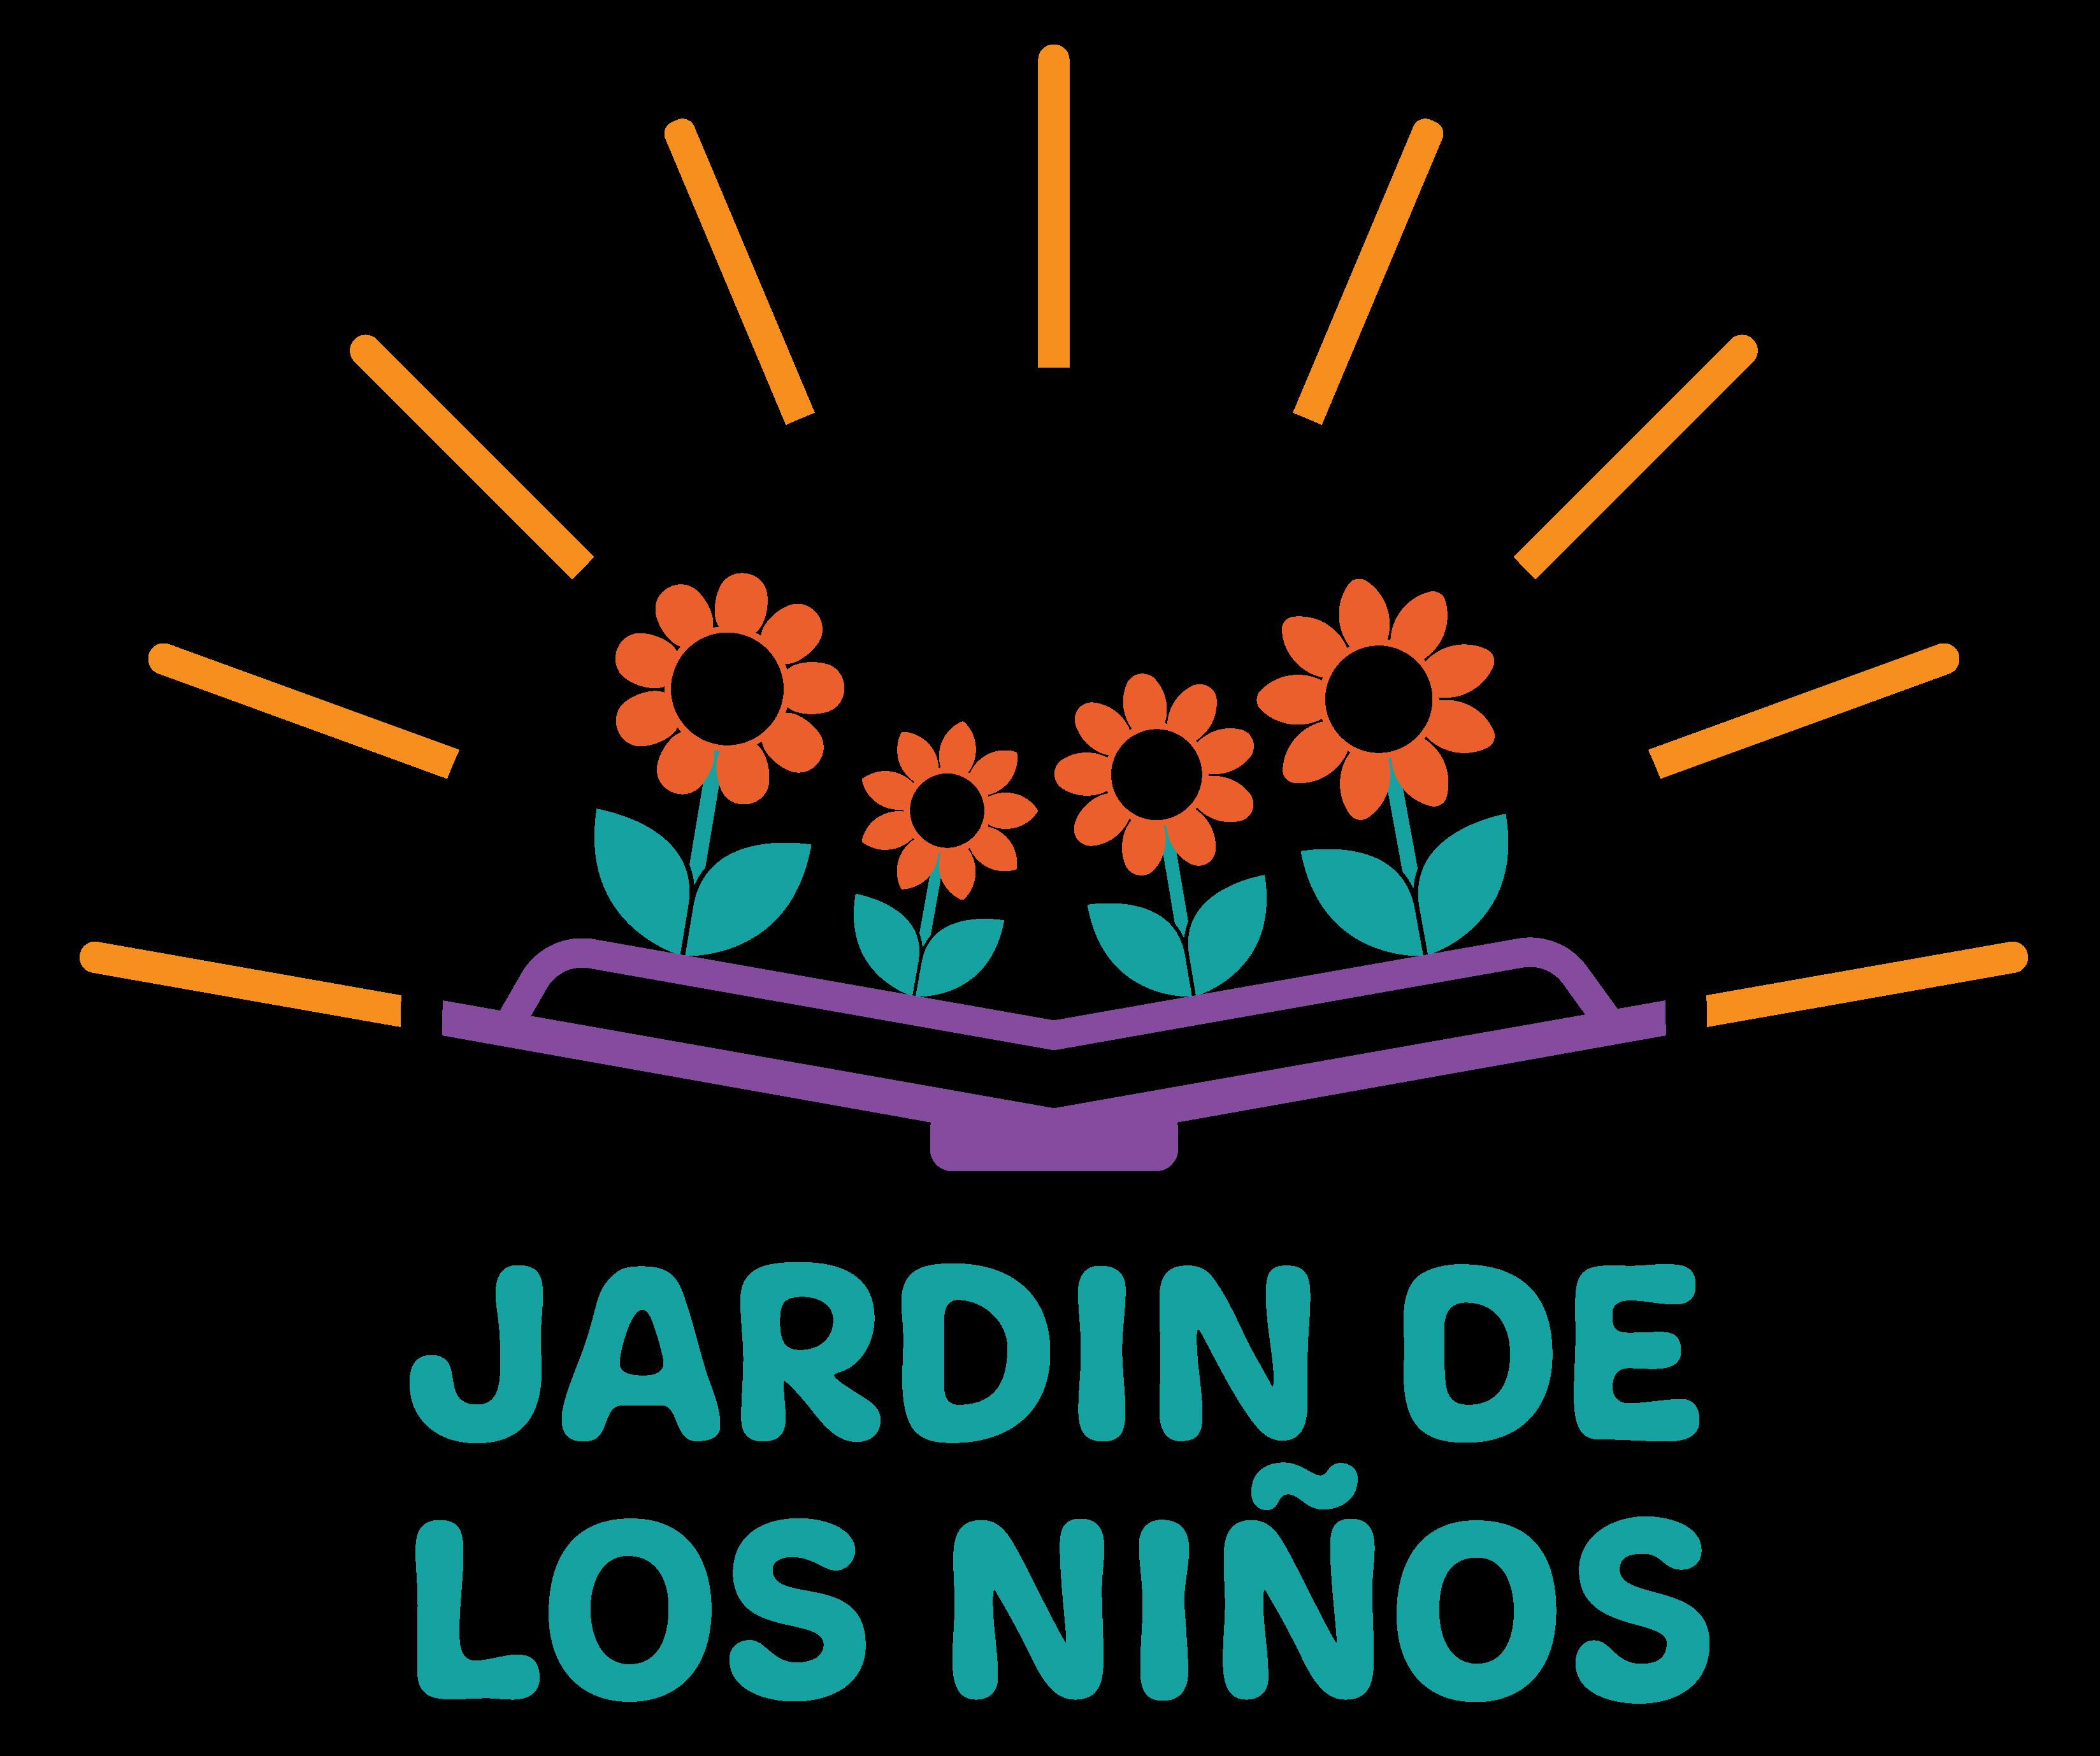 Jardin de Los Niños